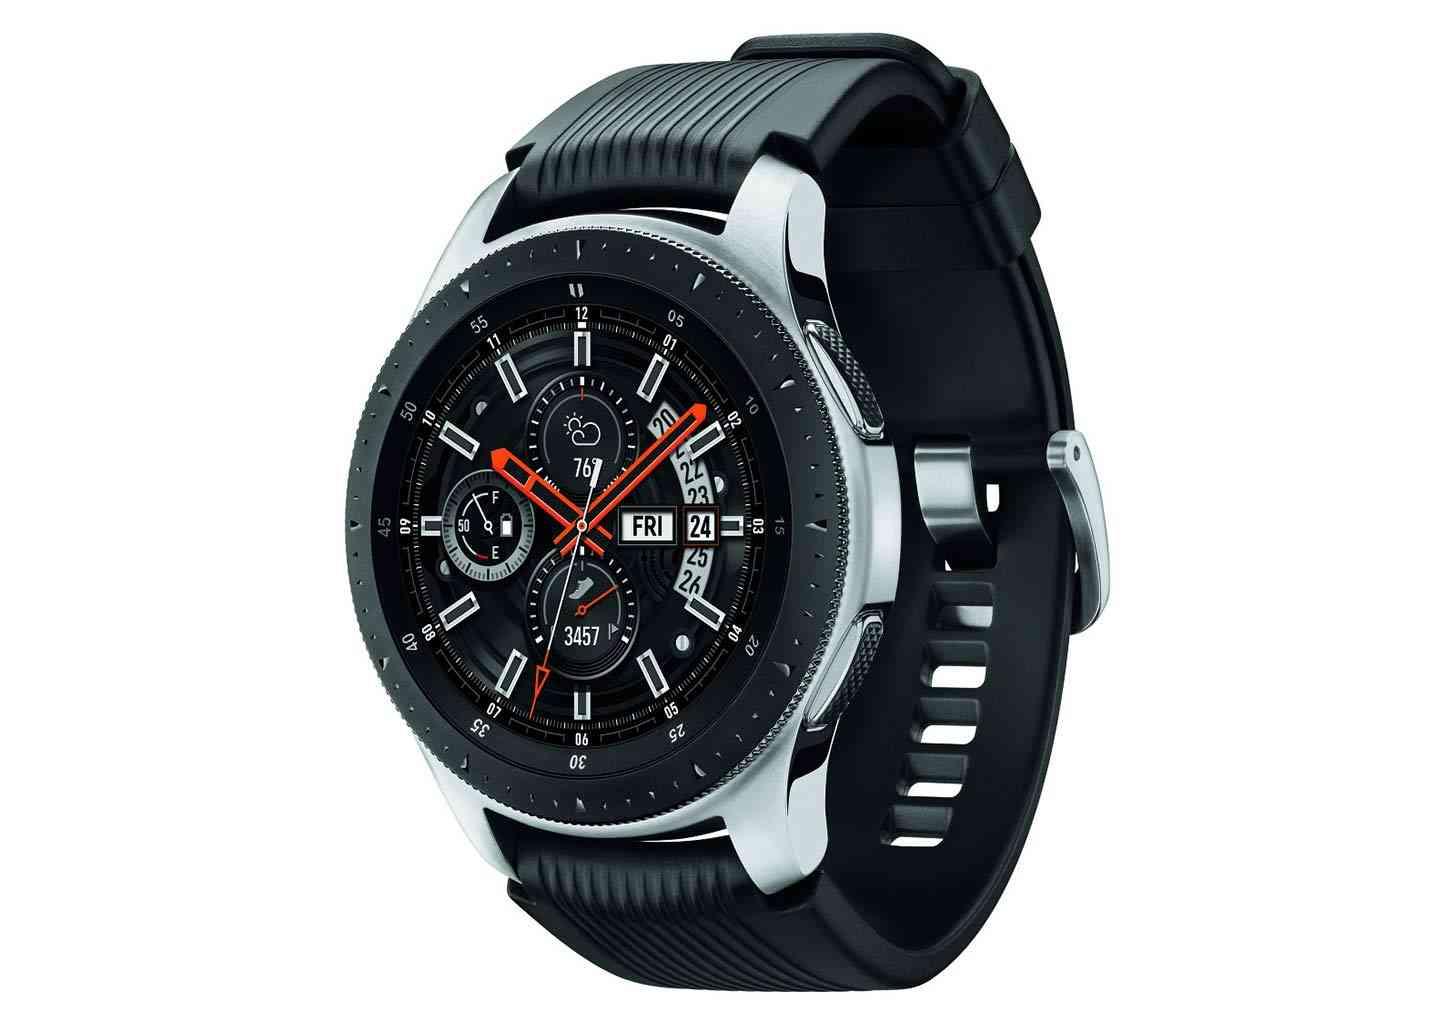 Galaxy Watch 3 specs sound almost too familiar - SlashGear  |Galaxy Watch 3